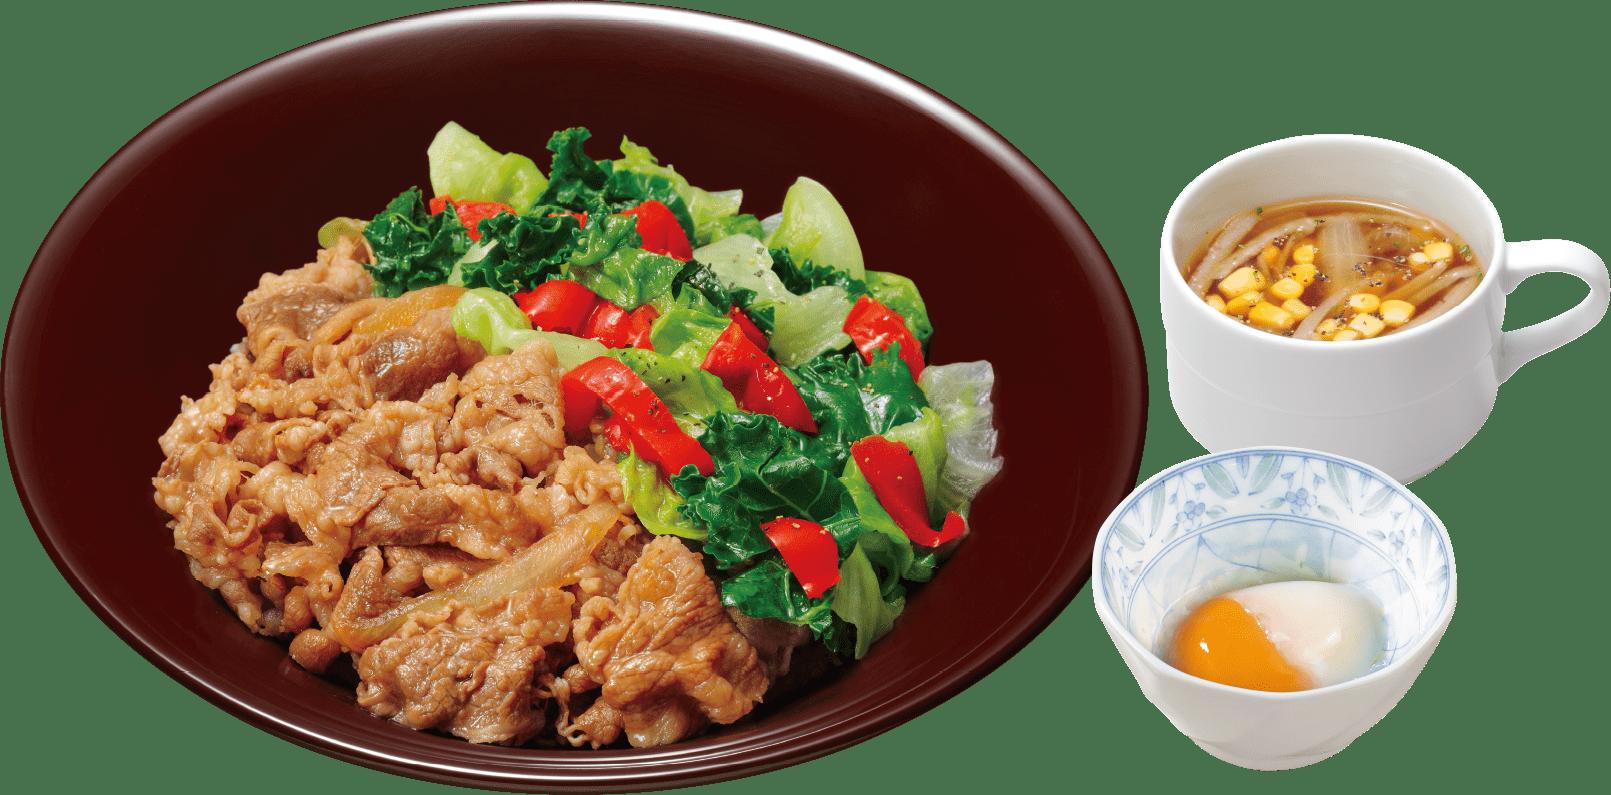 ケールレタス牛丼